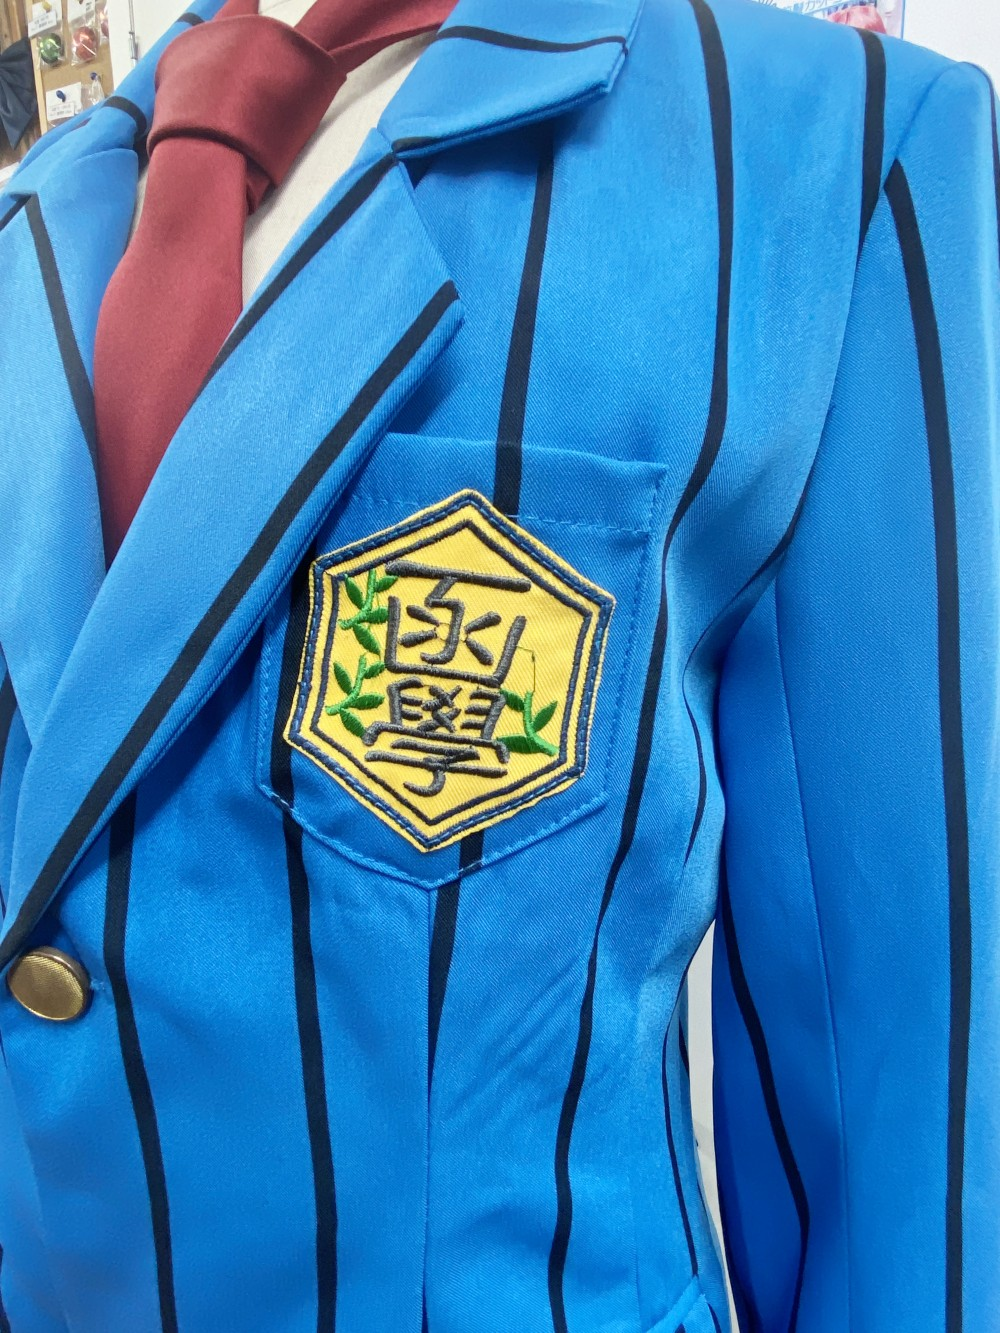 弱虫ペダル 箱根学園男子制服 風衣装